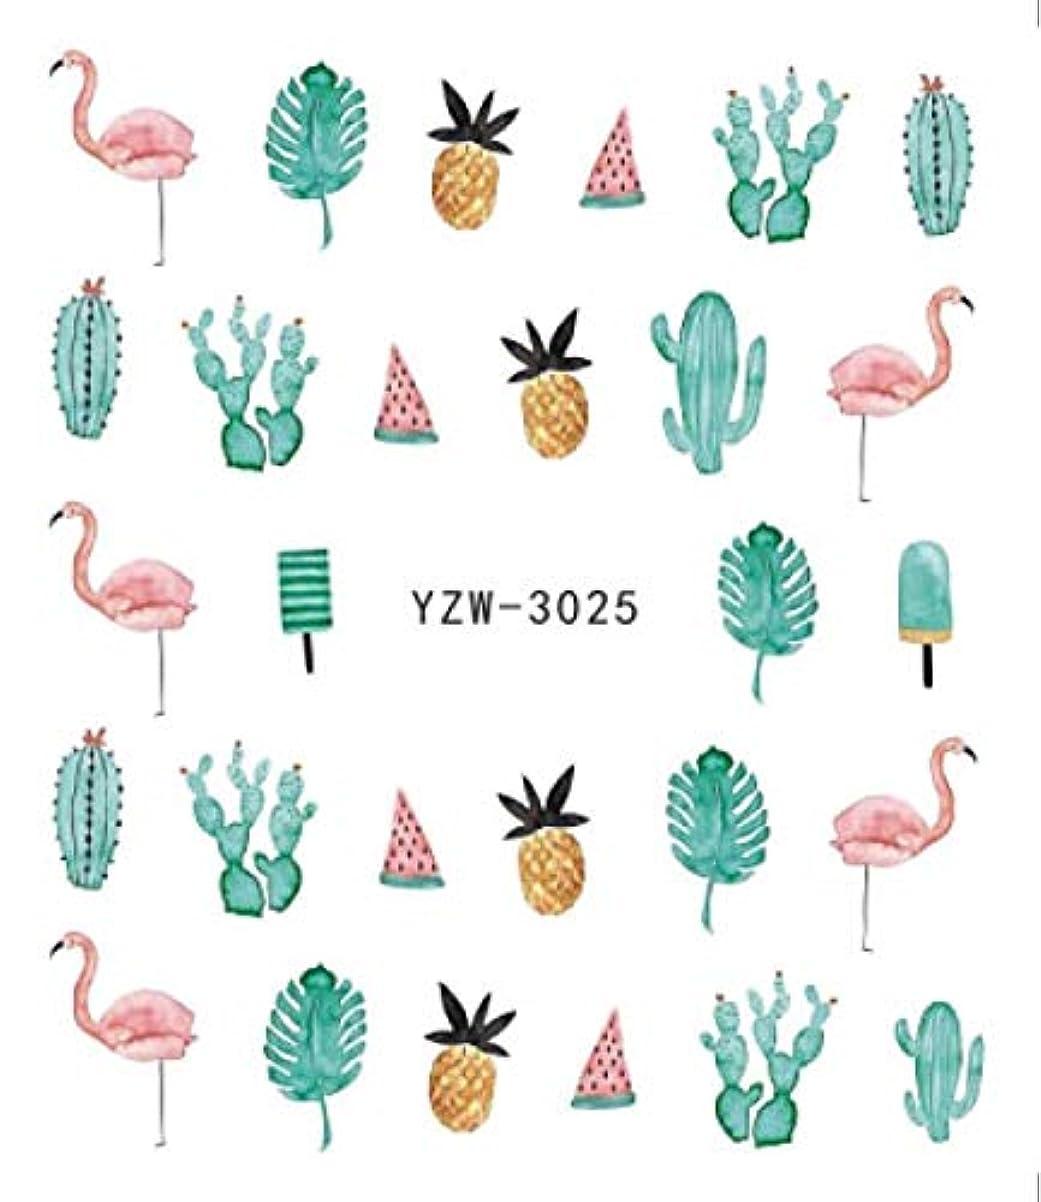 コンベンション篭腰SUKTI&XIAO ネイルステッカー 甘いフルーツネイルアート水転写ステッカーネイルデコレーションセット女性メイクアップdiy美容入れ墨ツール、Yzw-3025